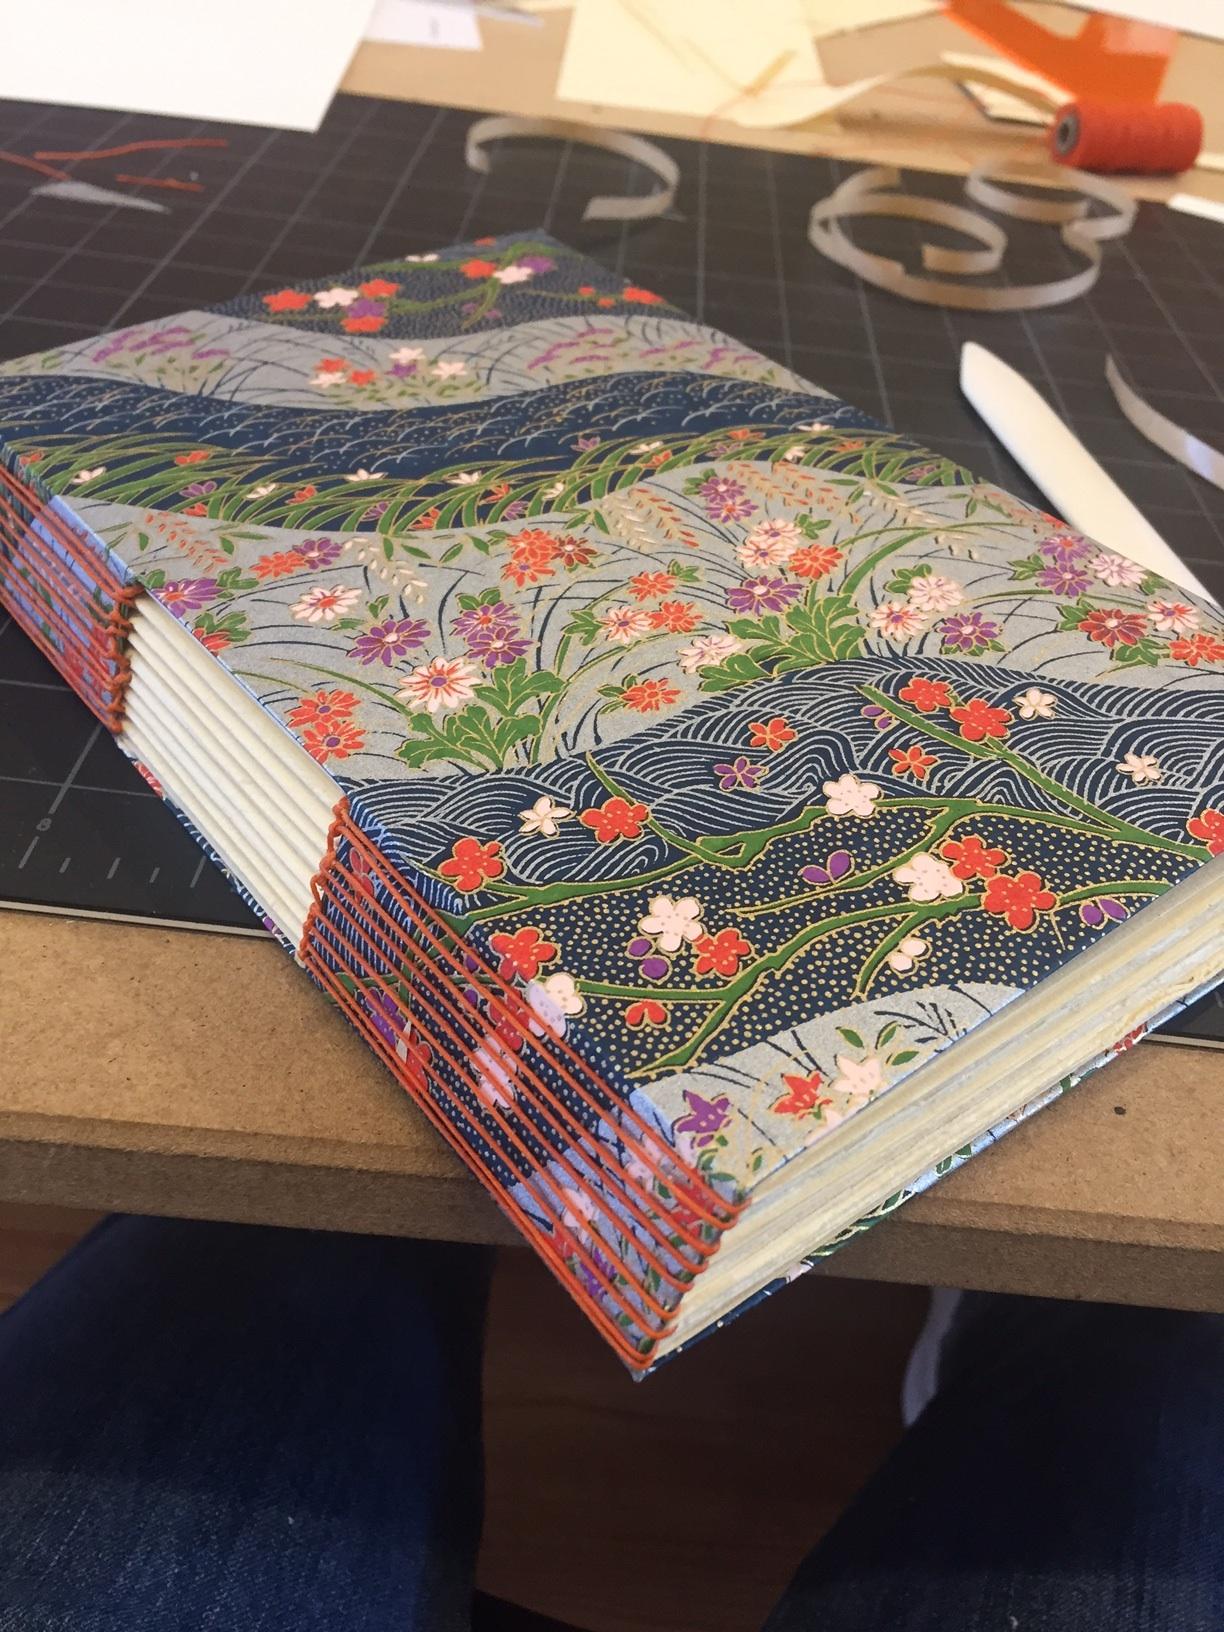 Bottonhole Bookbinding